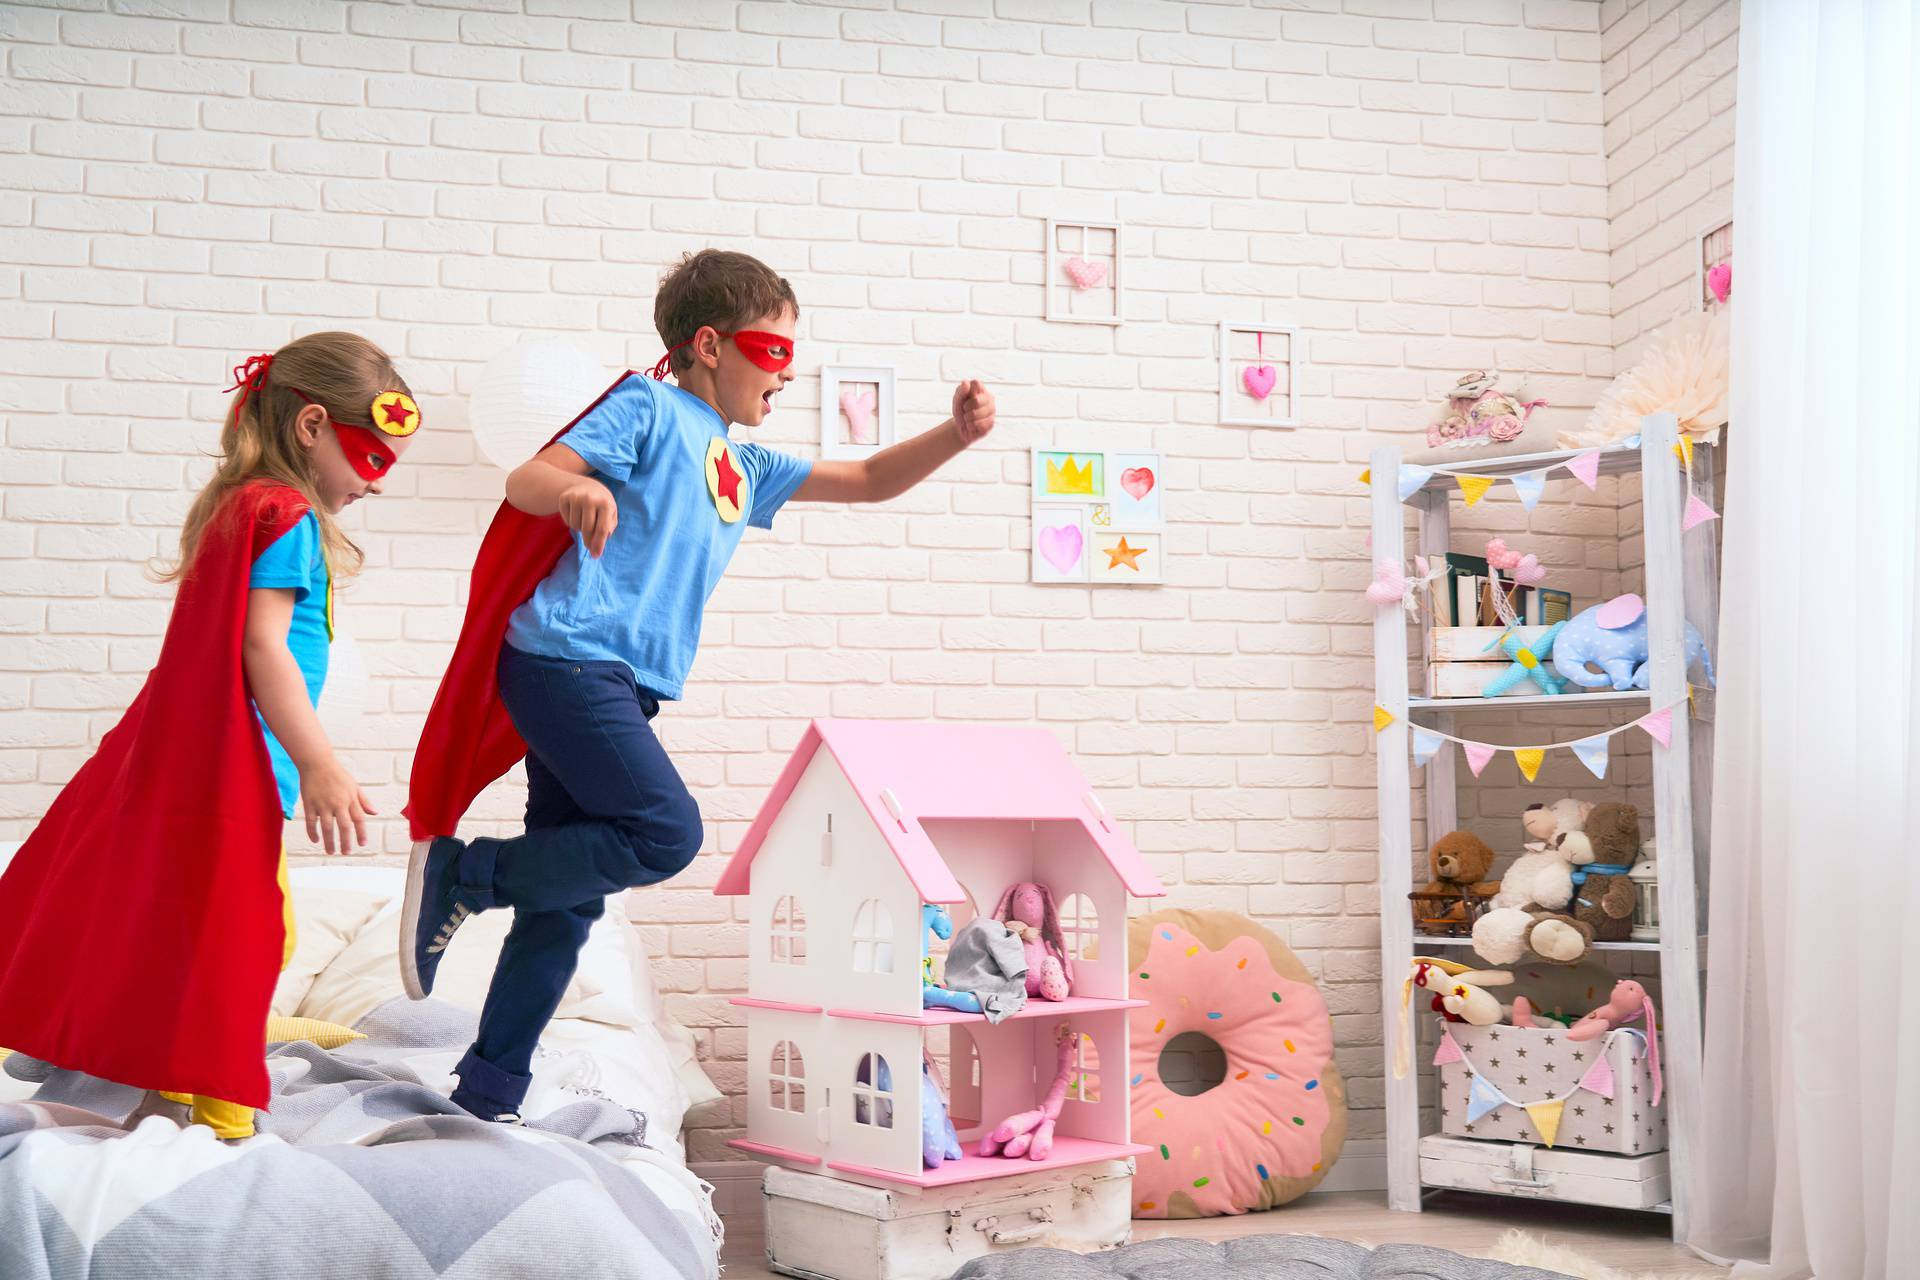 Igra pretvaranja kod djece bitna je za razvoj vještina, ali na neke stvari ipak trebate pripaziti